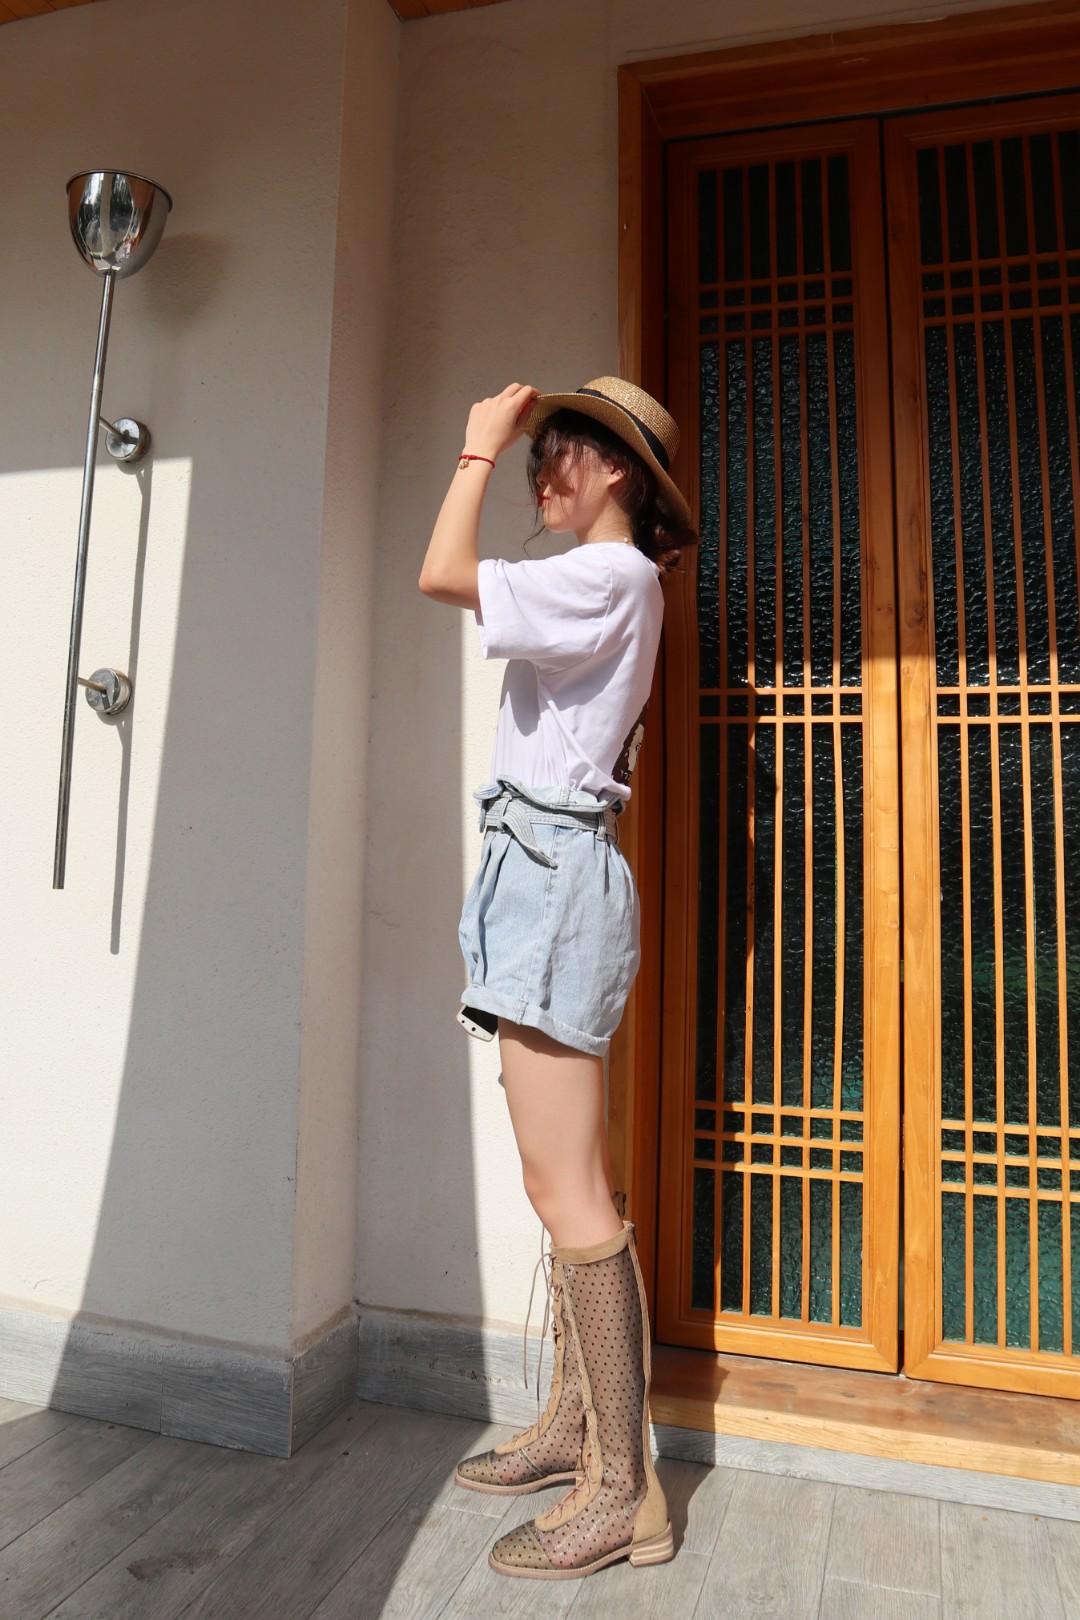 夏天能穿到这么潮的鞋子 想想都觉得街头风十足 很多人说太夸张 看不懂 hold不住 吧啦吧啦 其实自己上脚就知道 回头率高的很 比往年都更时髦  #显高套装,懒癌小矮妹照搬#